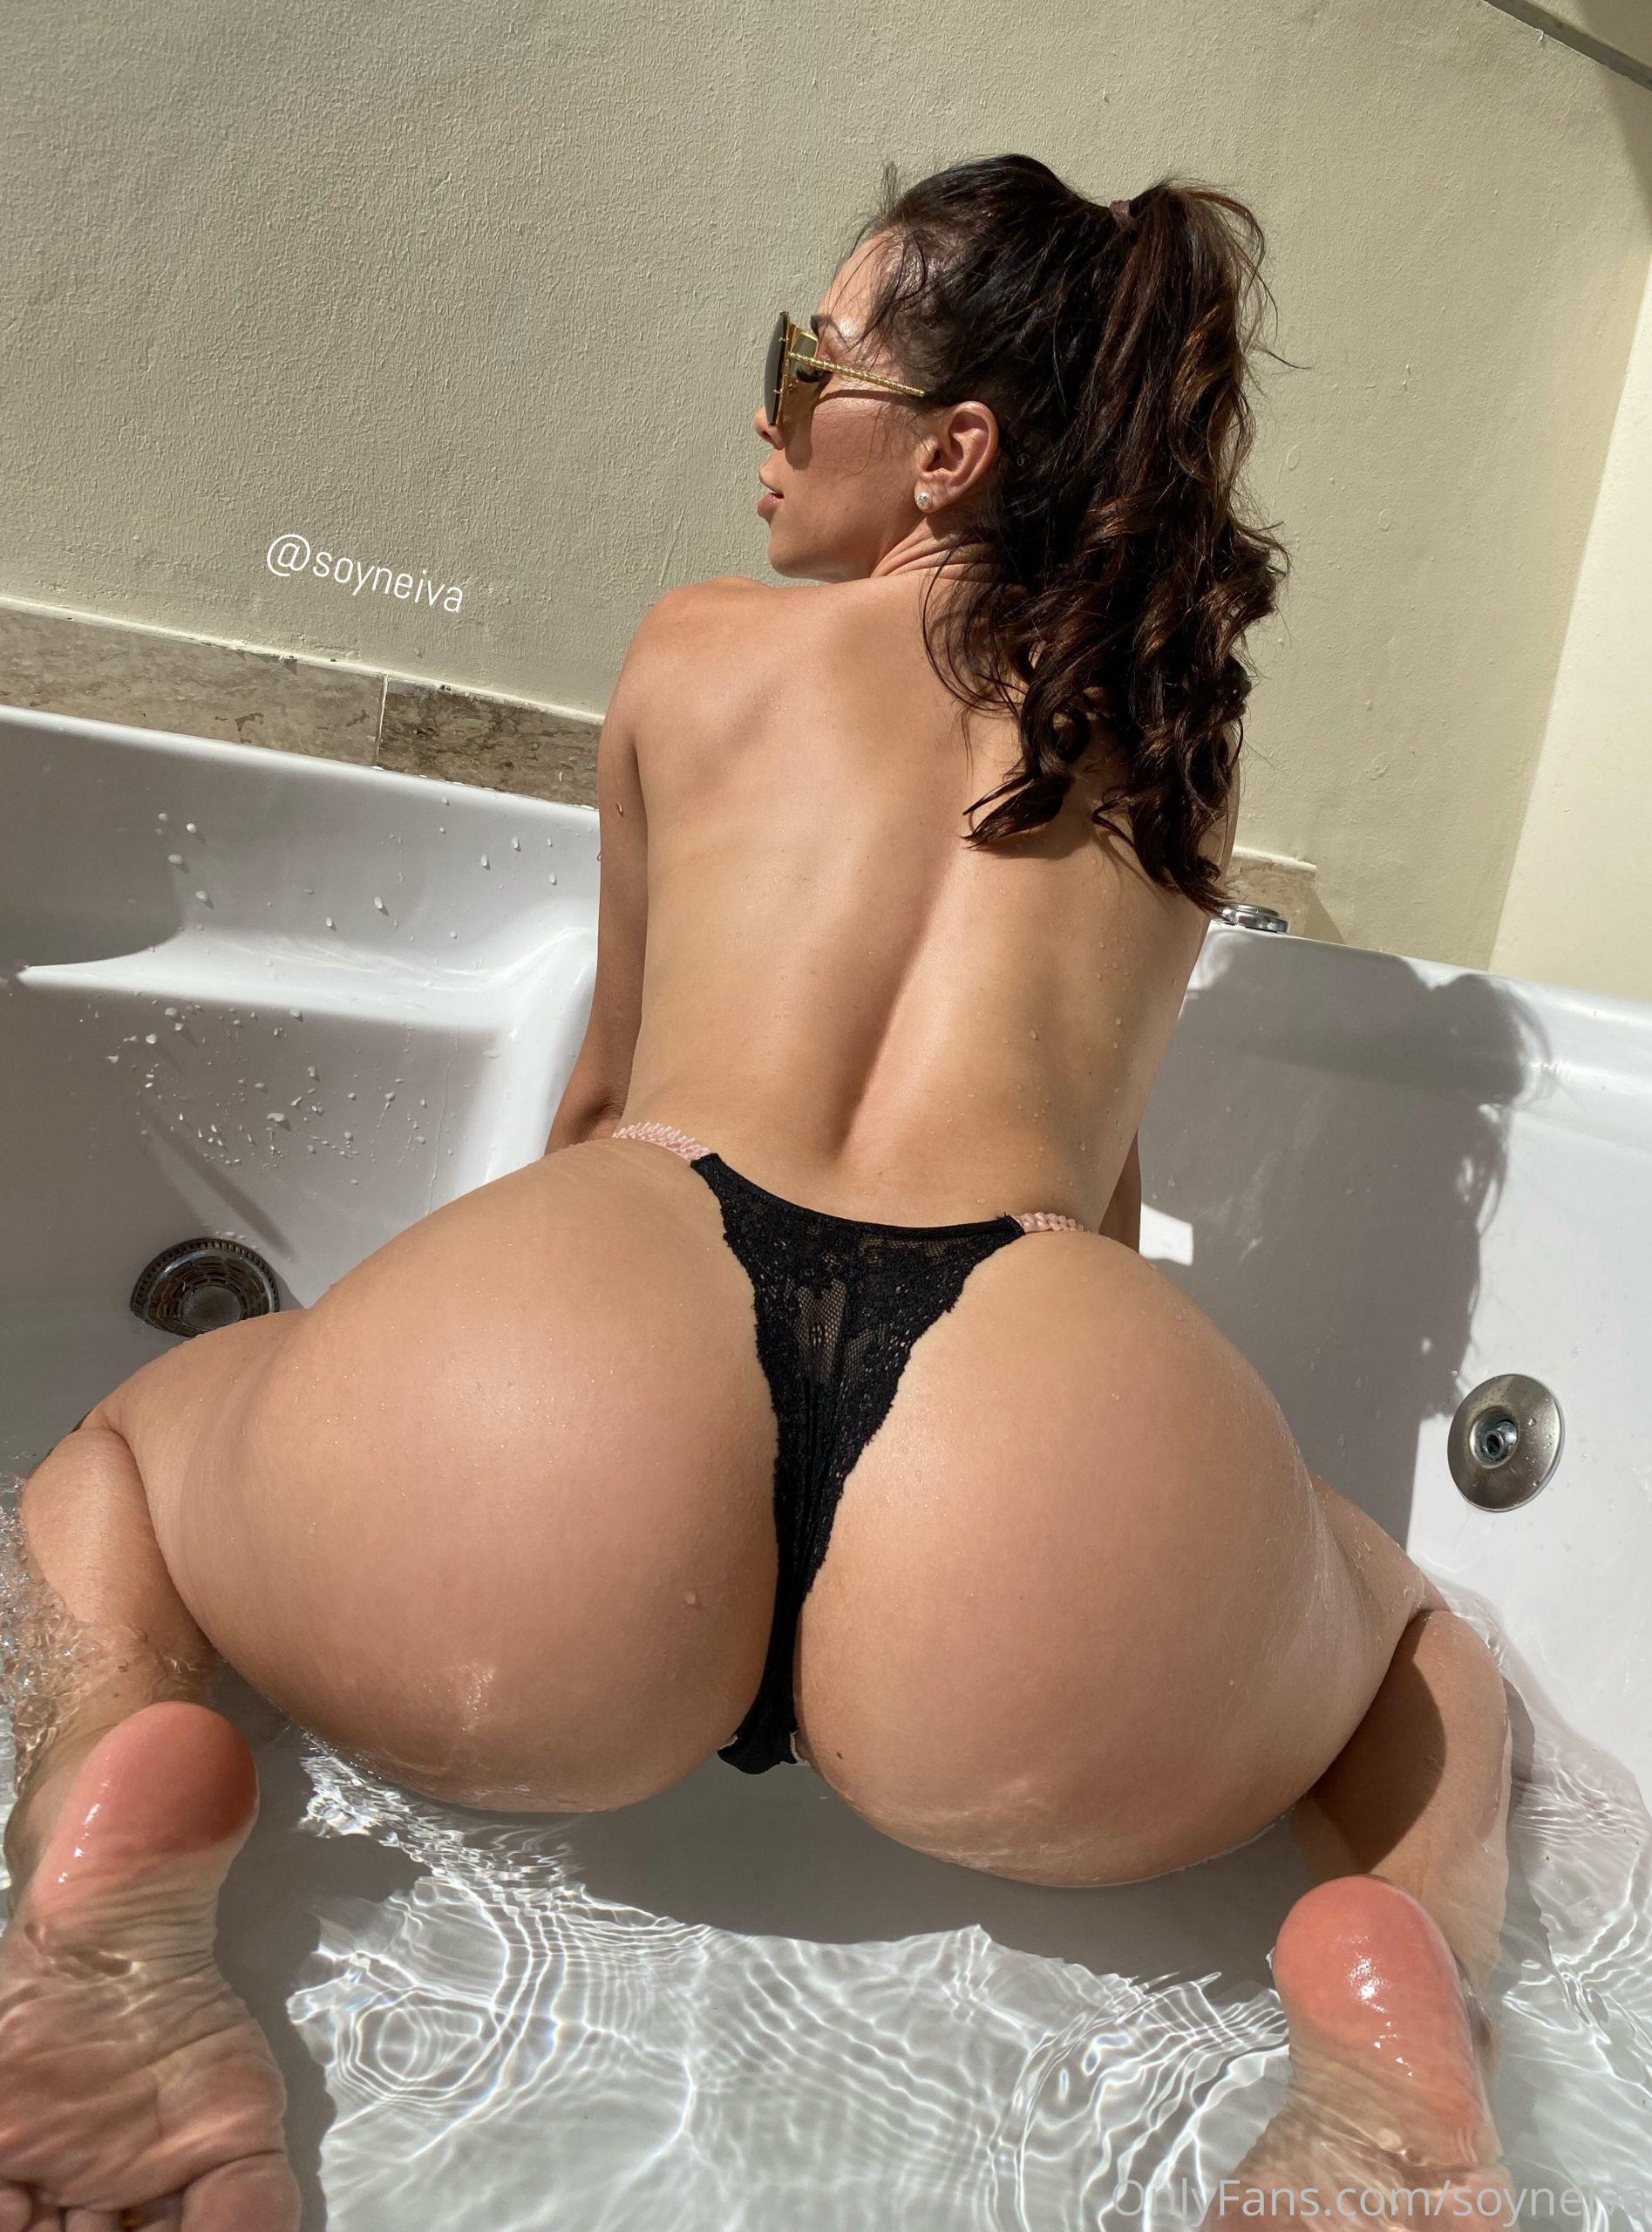 Neiva Mara, Soyneiva, Onlyfans Nudes Leaks 0016